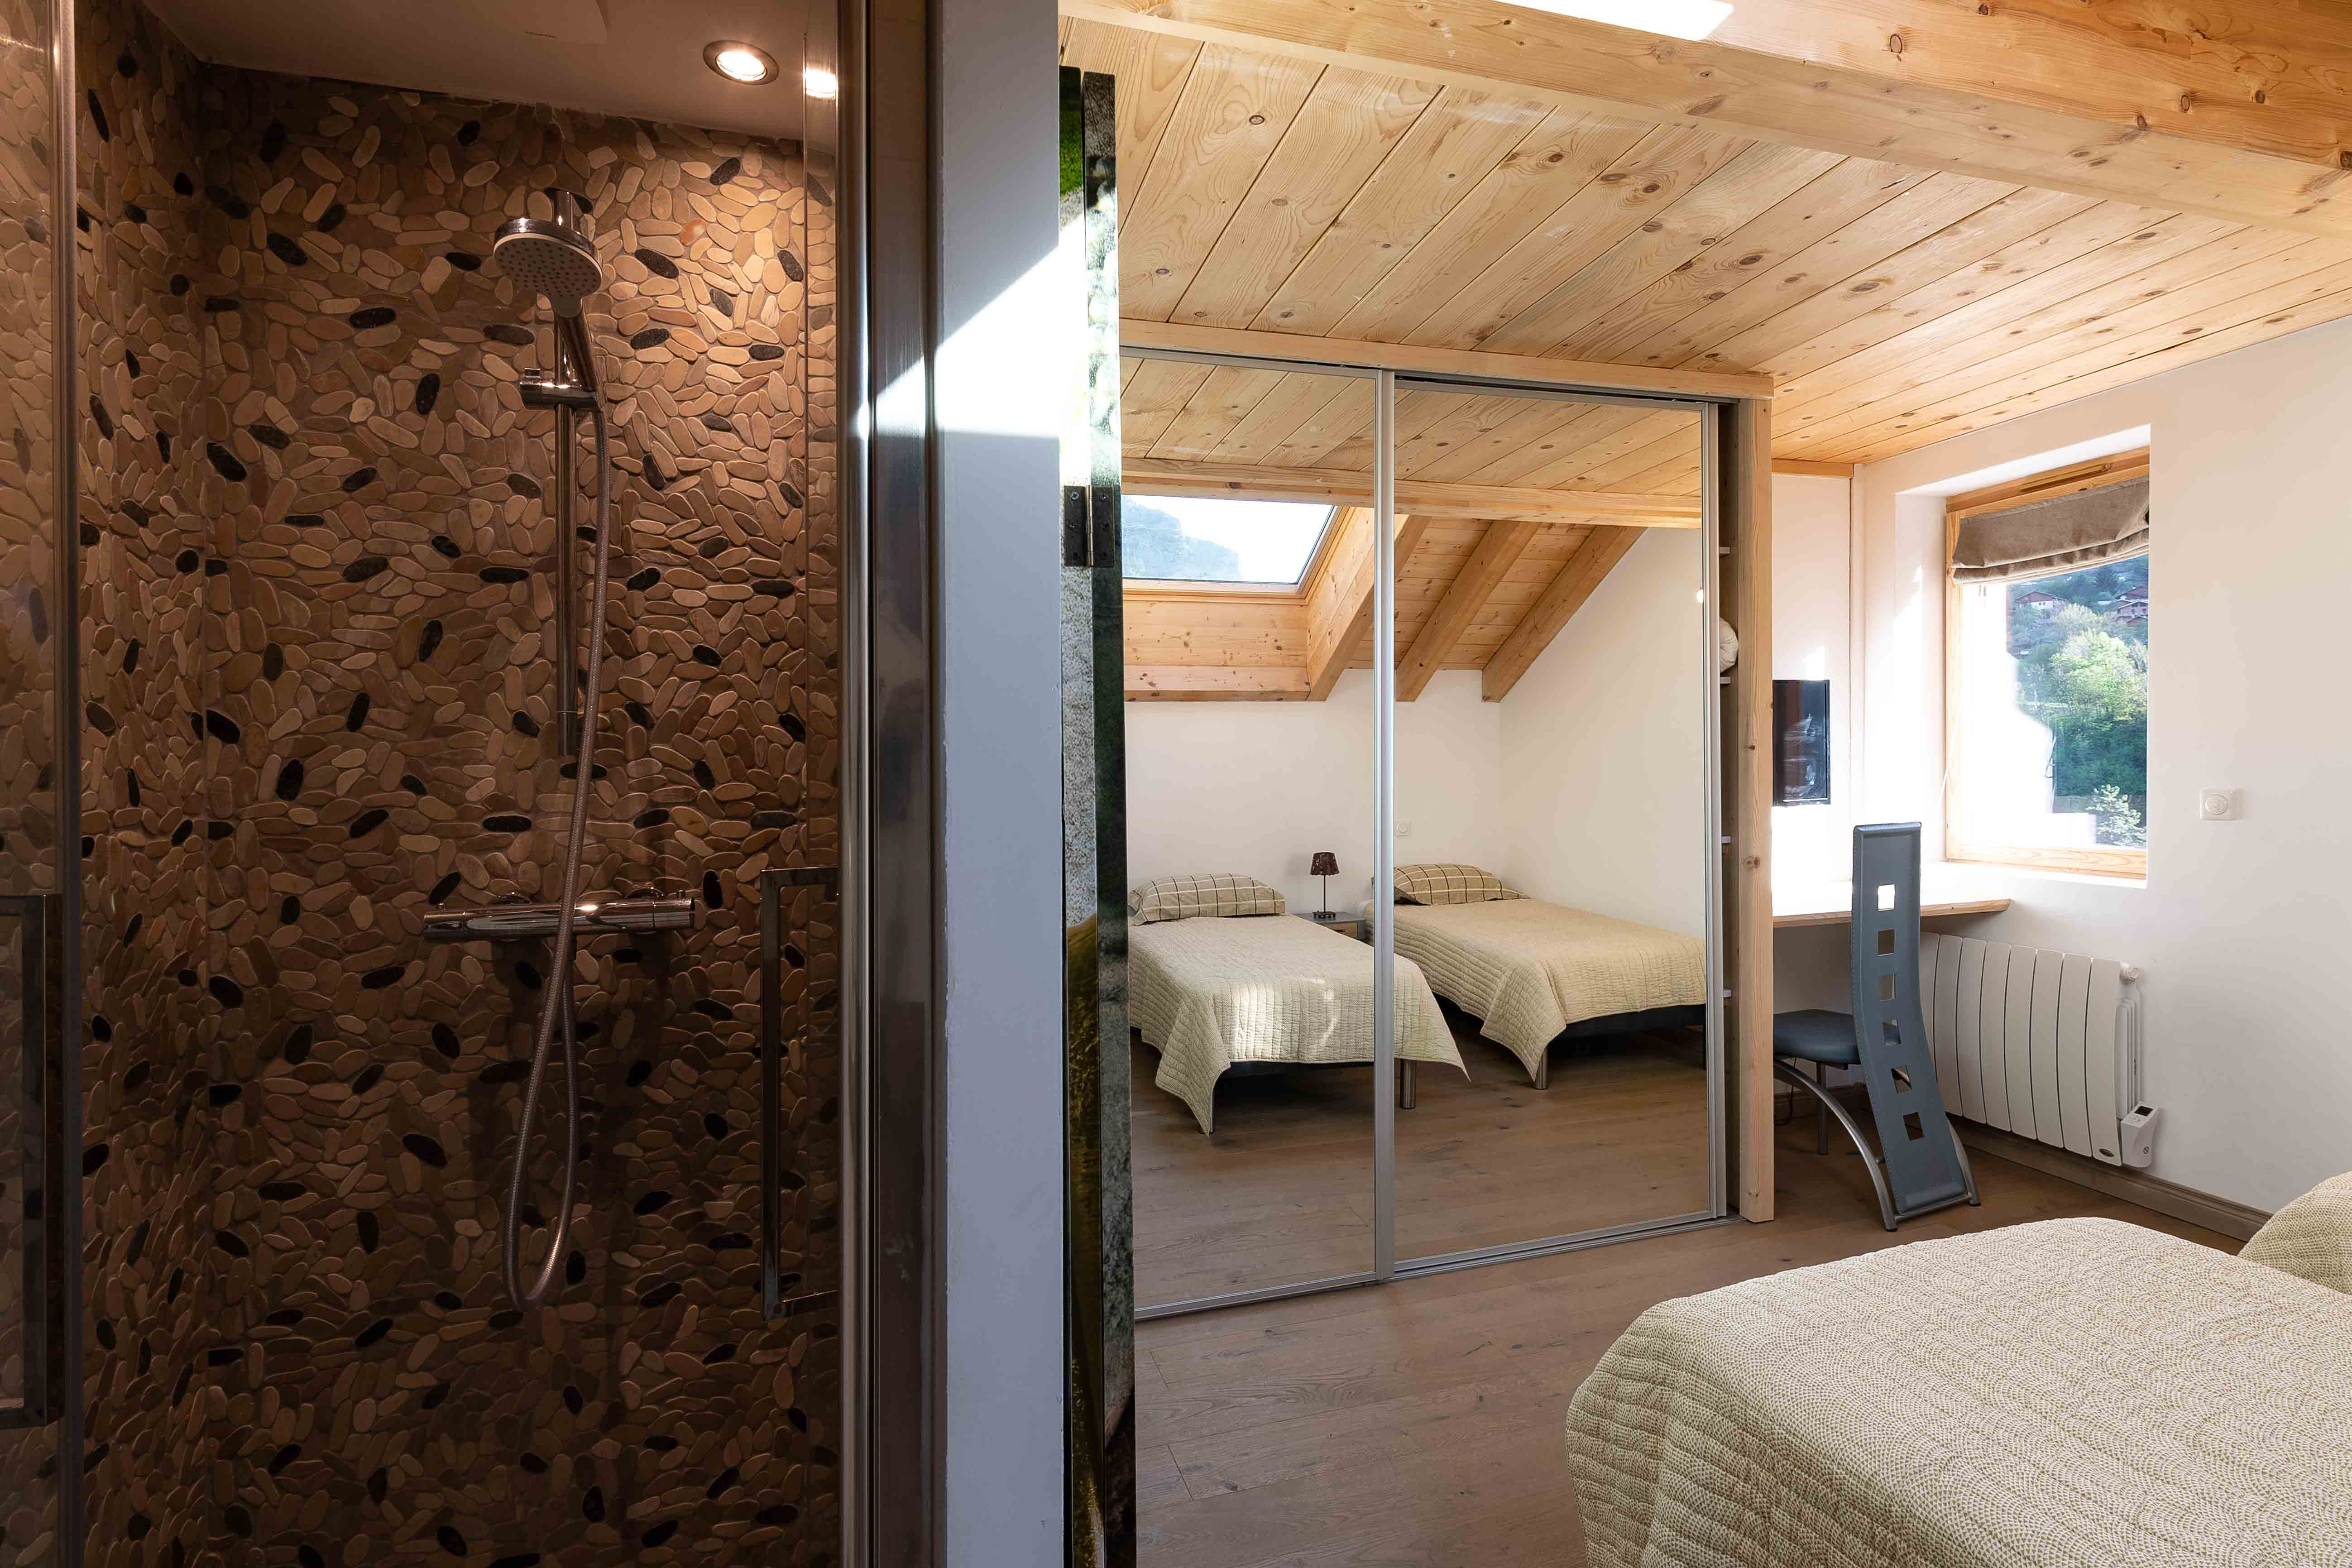 chambre lits simples et salle de douche